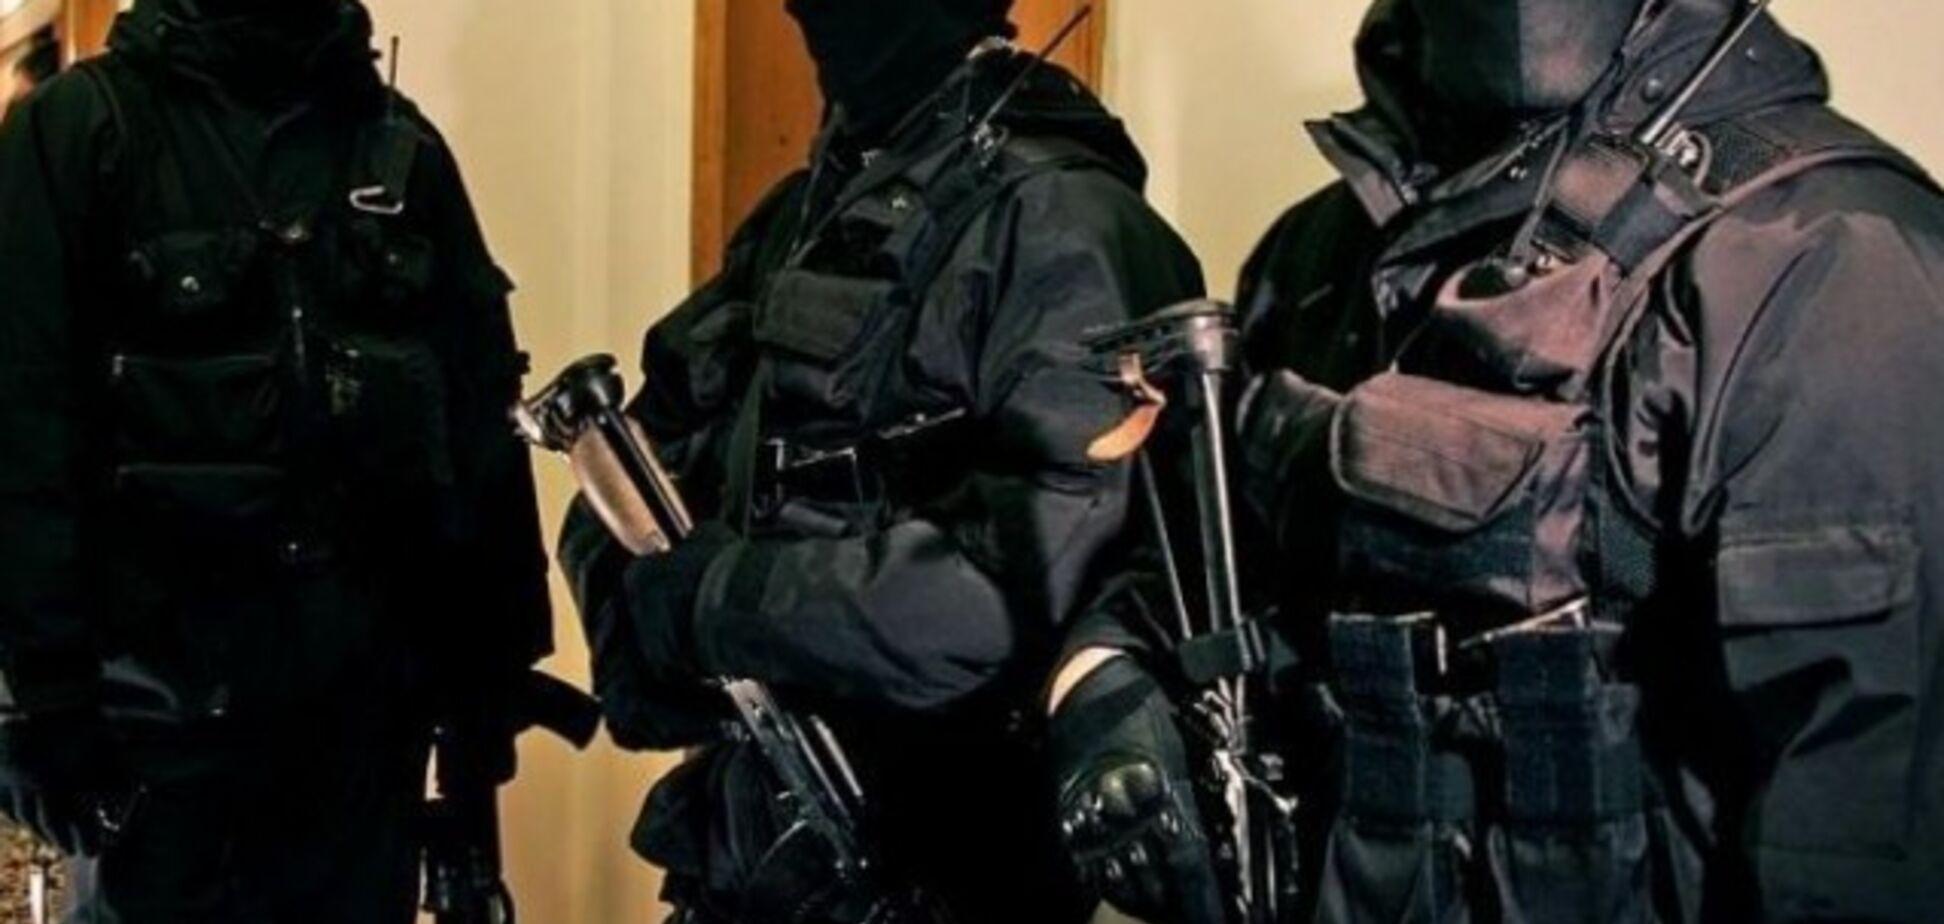 Підкуп виборців: по Україні влаштували масові обшуки